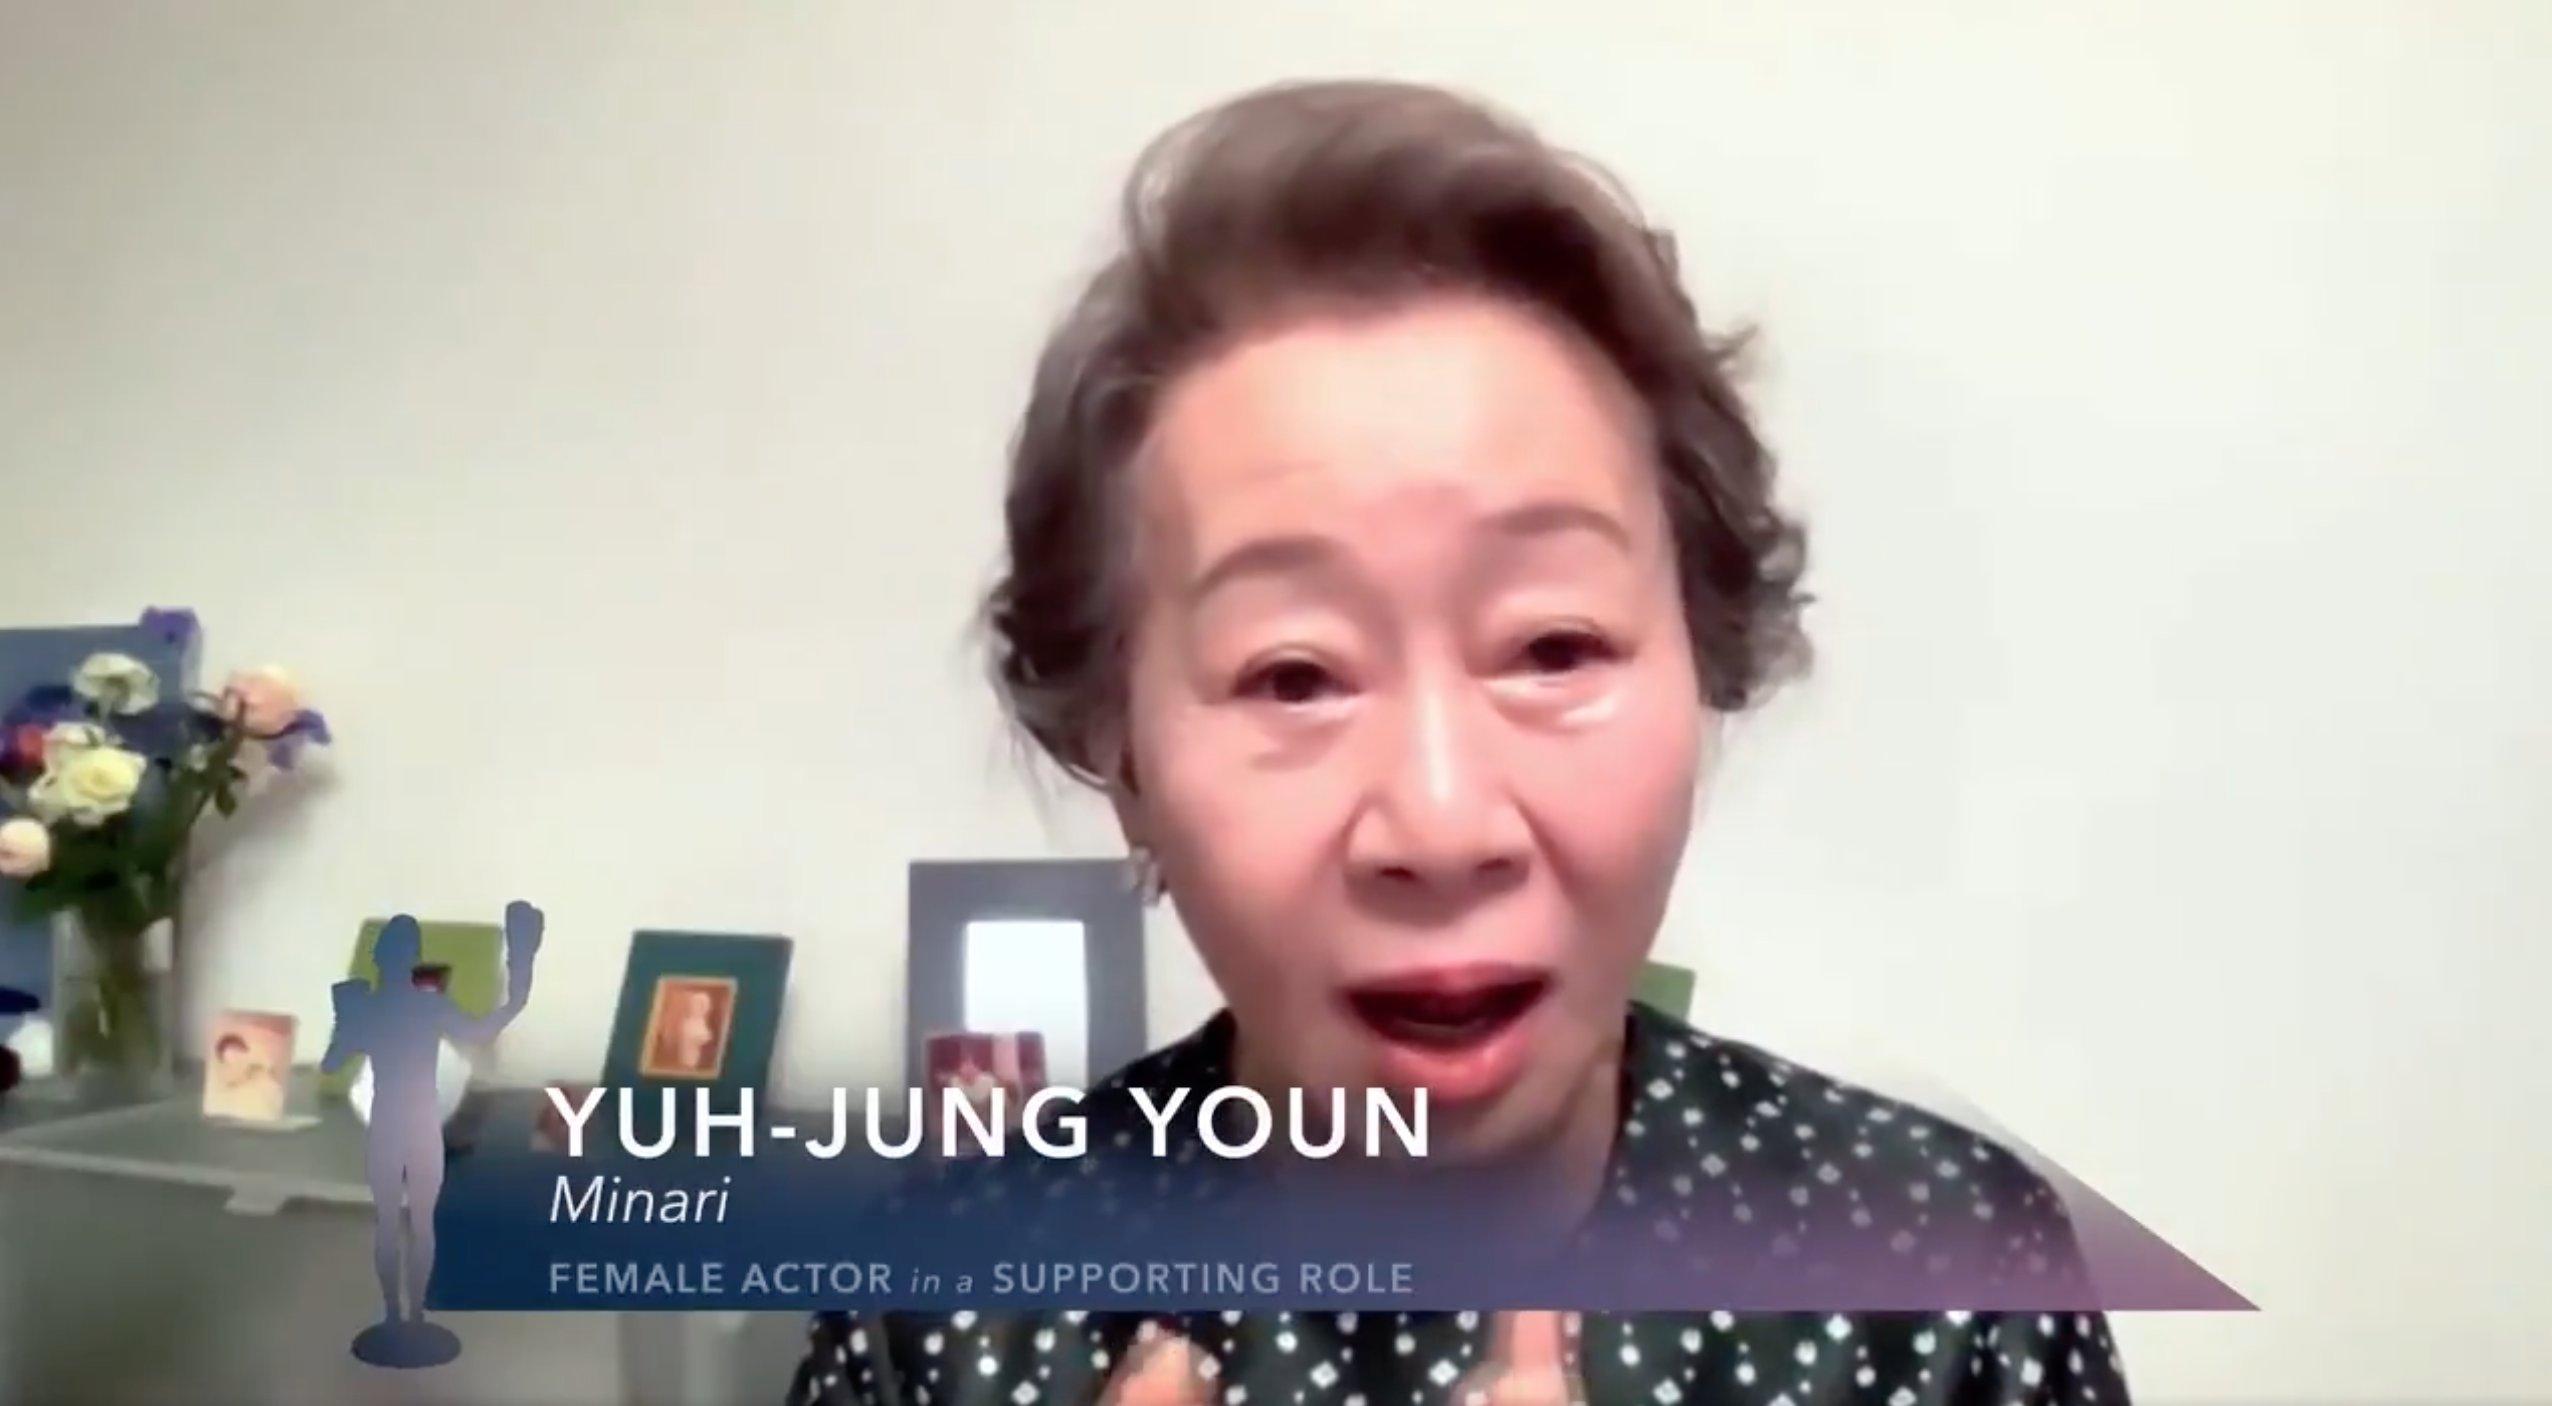 Yuh-Jung Youn está centralizada no centro da imagem, do peito para cima. Ela usa um casaco preto com bolinhas brancas e seus cabelos são curtos e castanhos. Ao fundo, vemos porta-retratos e arranjos de flores. Na parte inferior da imagem, lemos Yuh-Jung Youn, em seguida abaixo MINARI e depois FEMALE ACTOR IN A SUPPORTING ROLE em letras brancas com fundo azul.